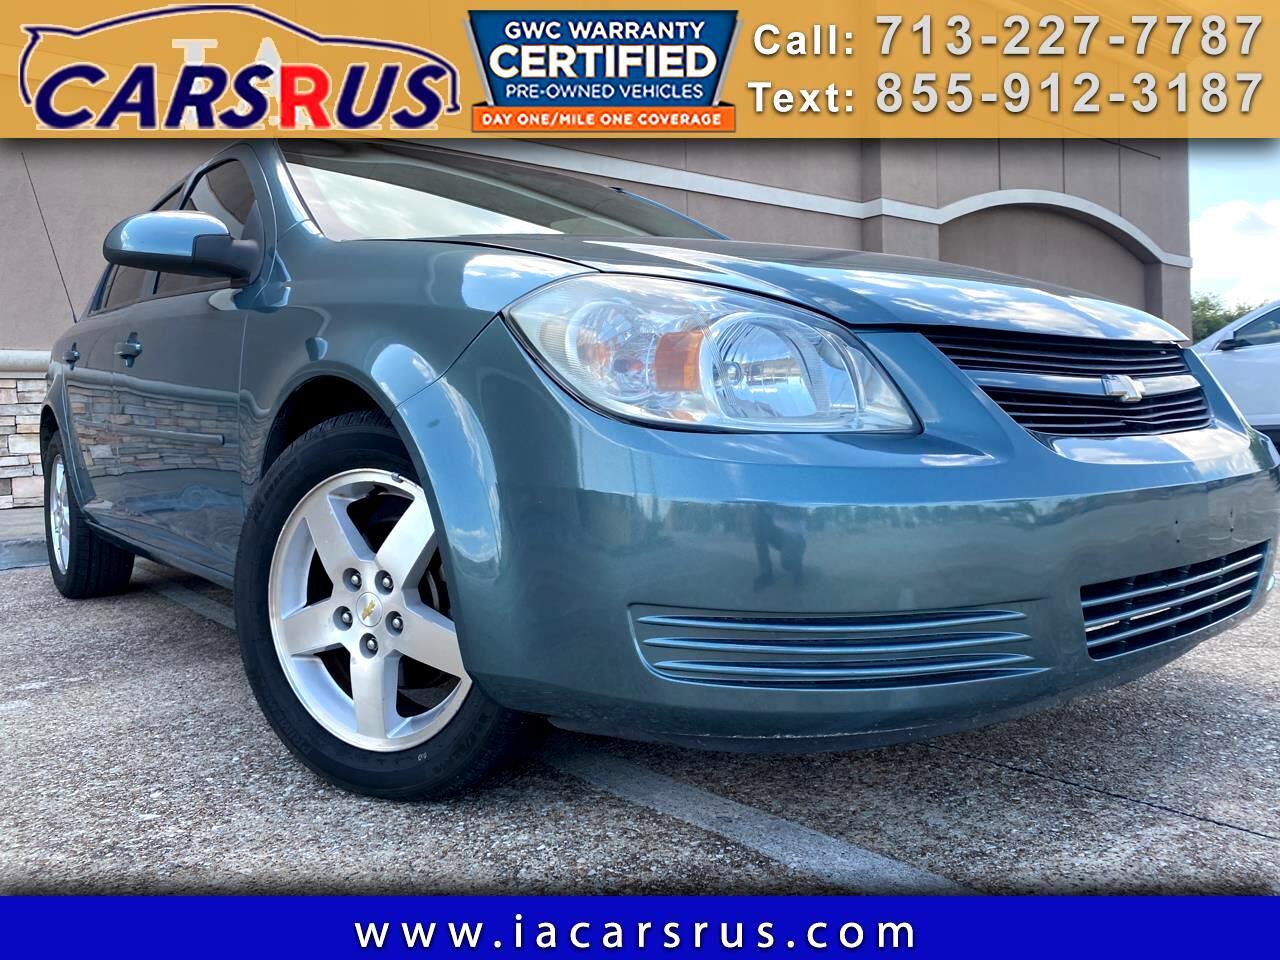 Chevrolet Cobalt LT2 Sedan 2010